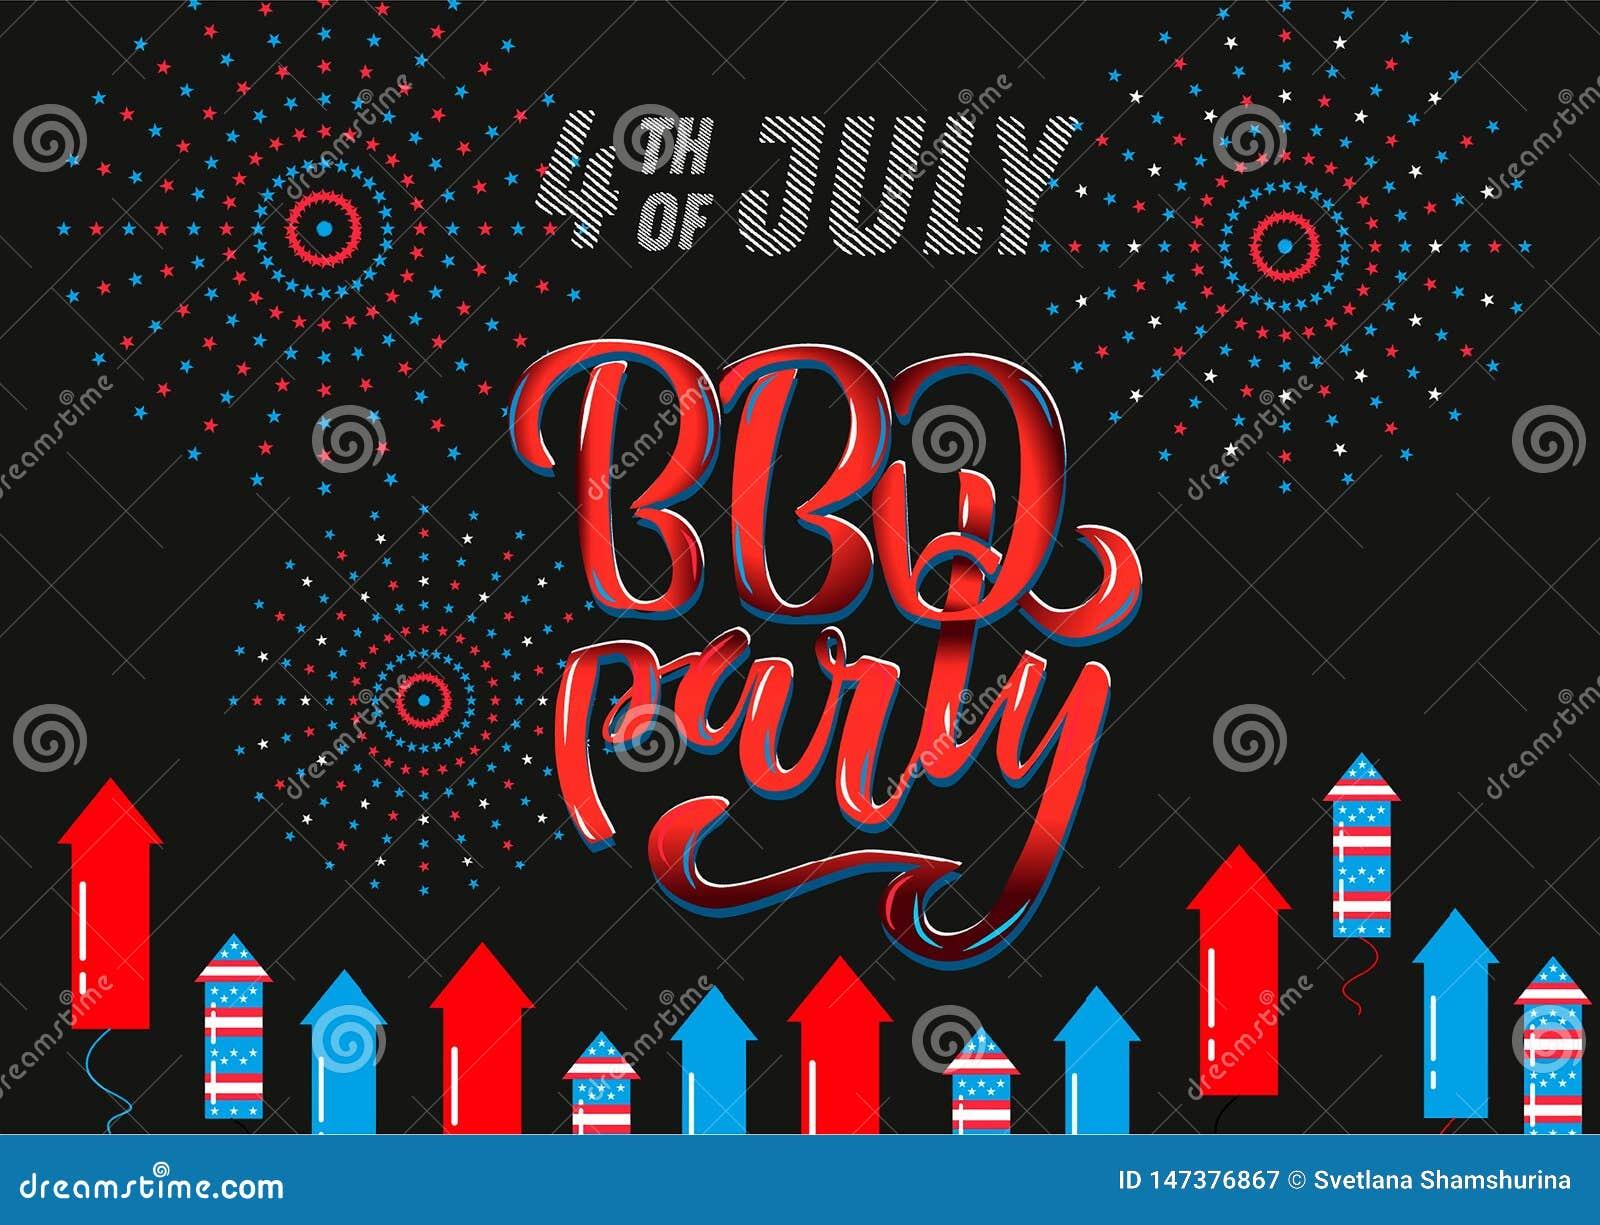 4 juillet invitation de lettrage de partie de BBQ au barbecue am?ricain de Jour de la D?claration d Ind?pendance avec des ?toiles